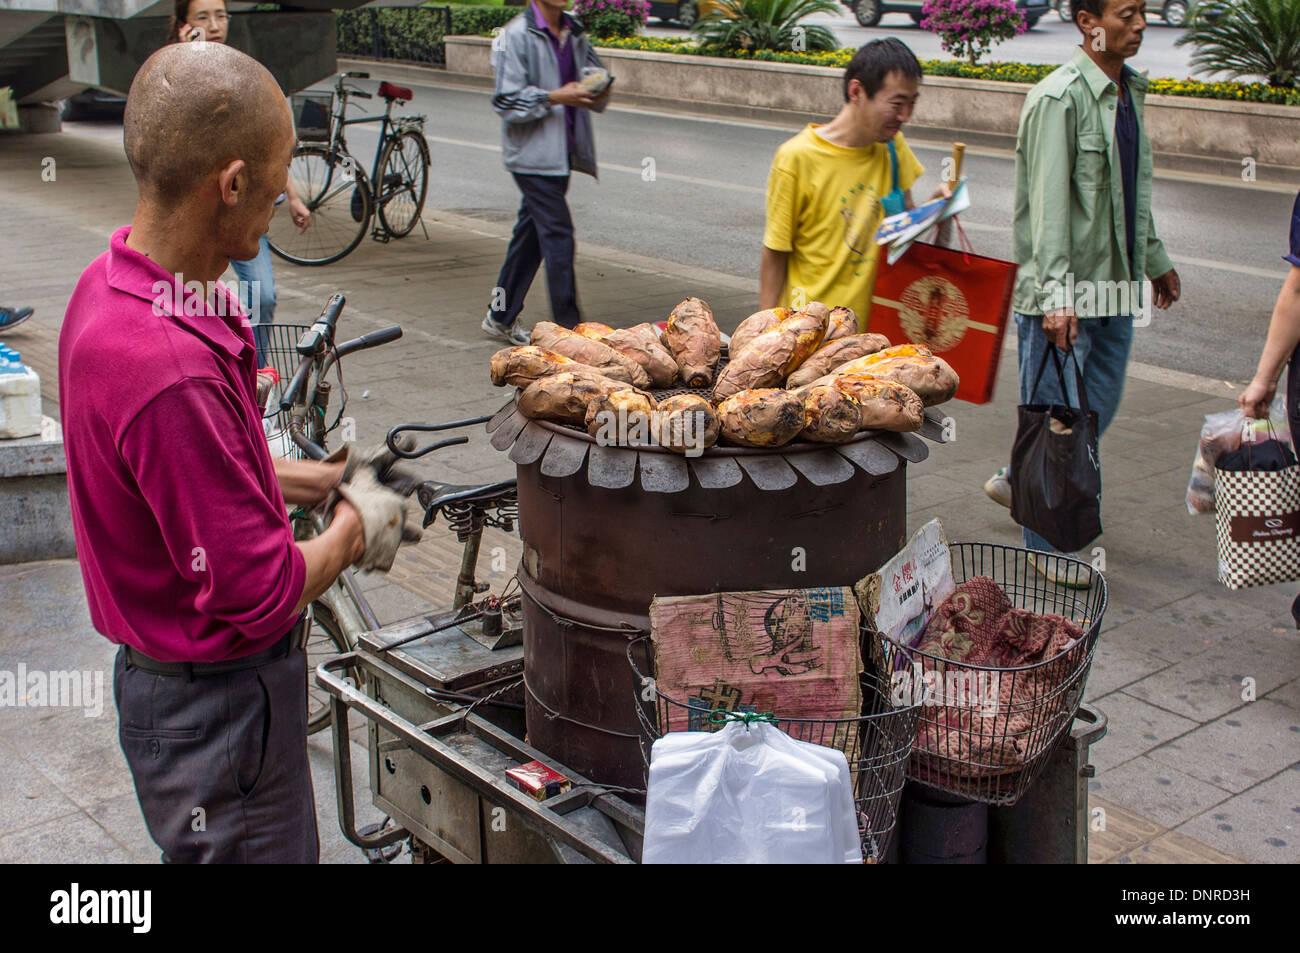 Proveedor de camote asado en Pekín, China Foto de stock